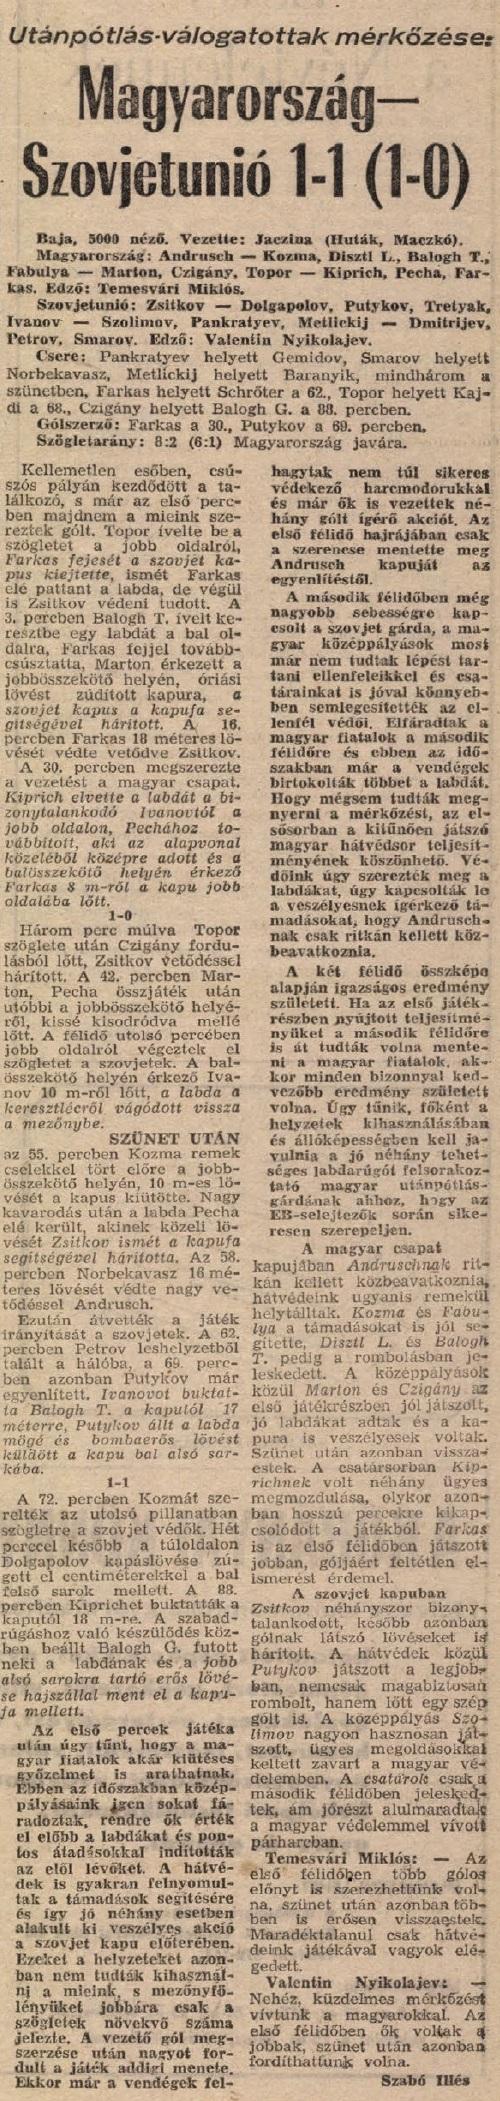 idokapszula_nb_i_1983_84_24_fordulo_magyarorszag_szovjetunio_utanpotlas_valogatott.jpg